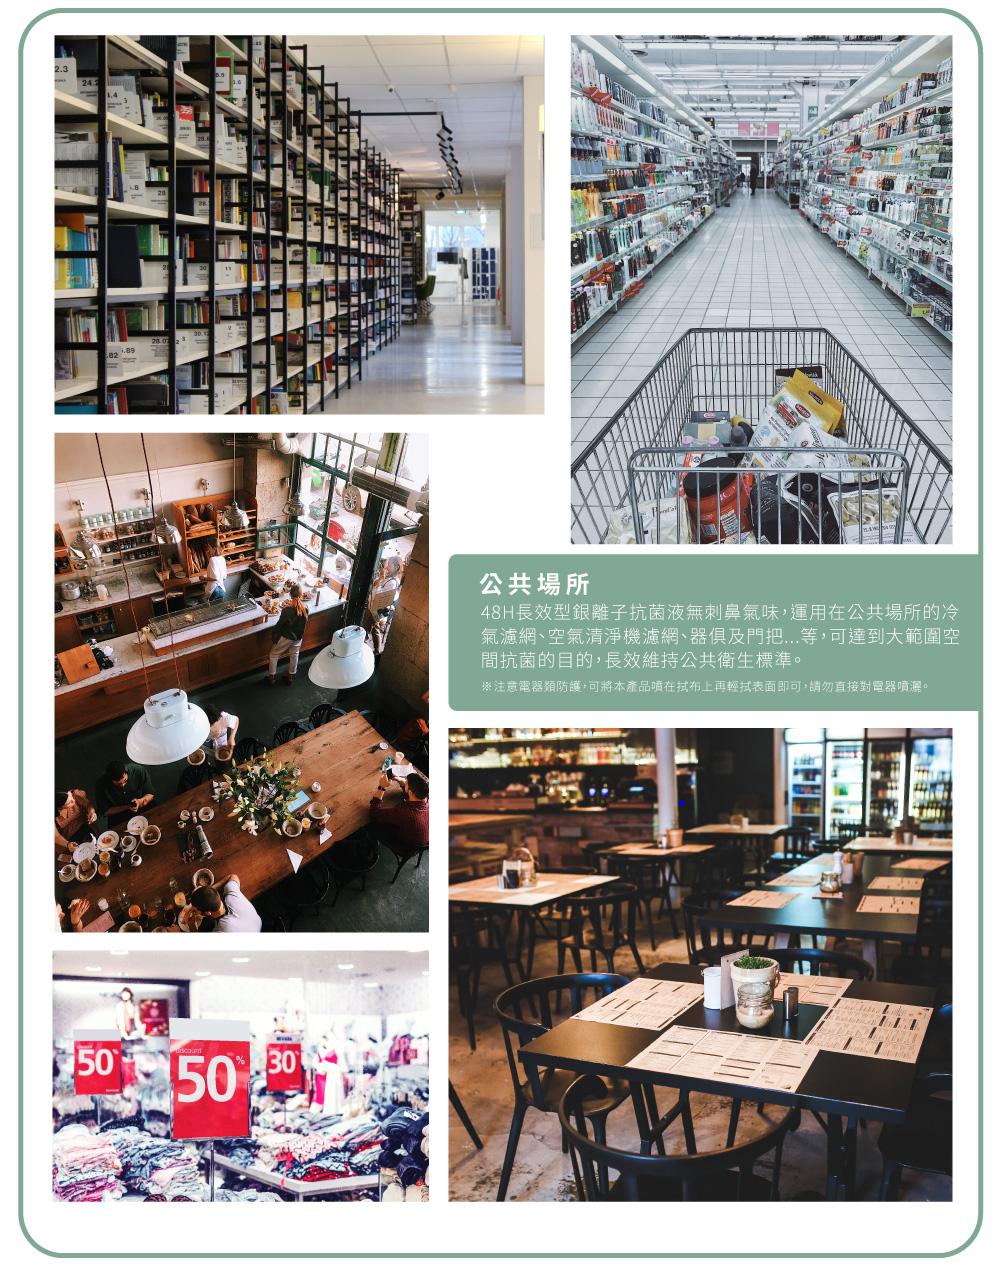 銀離子抗菌液可應用大空間防疫,如公共場所,咖啡廳,賣場